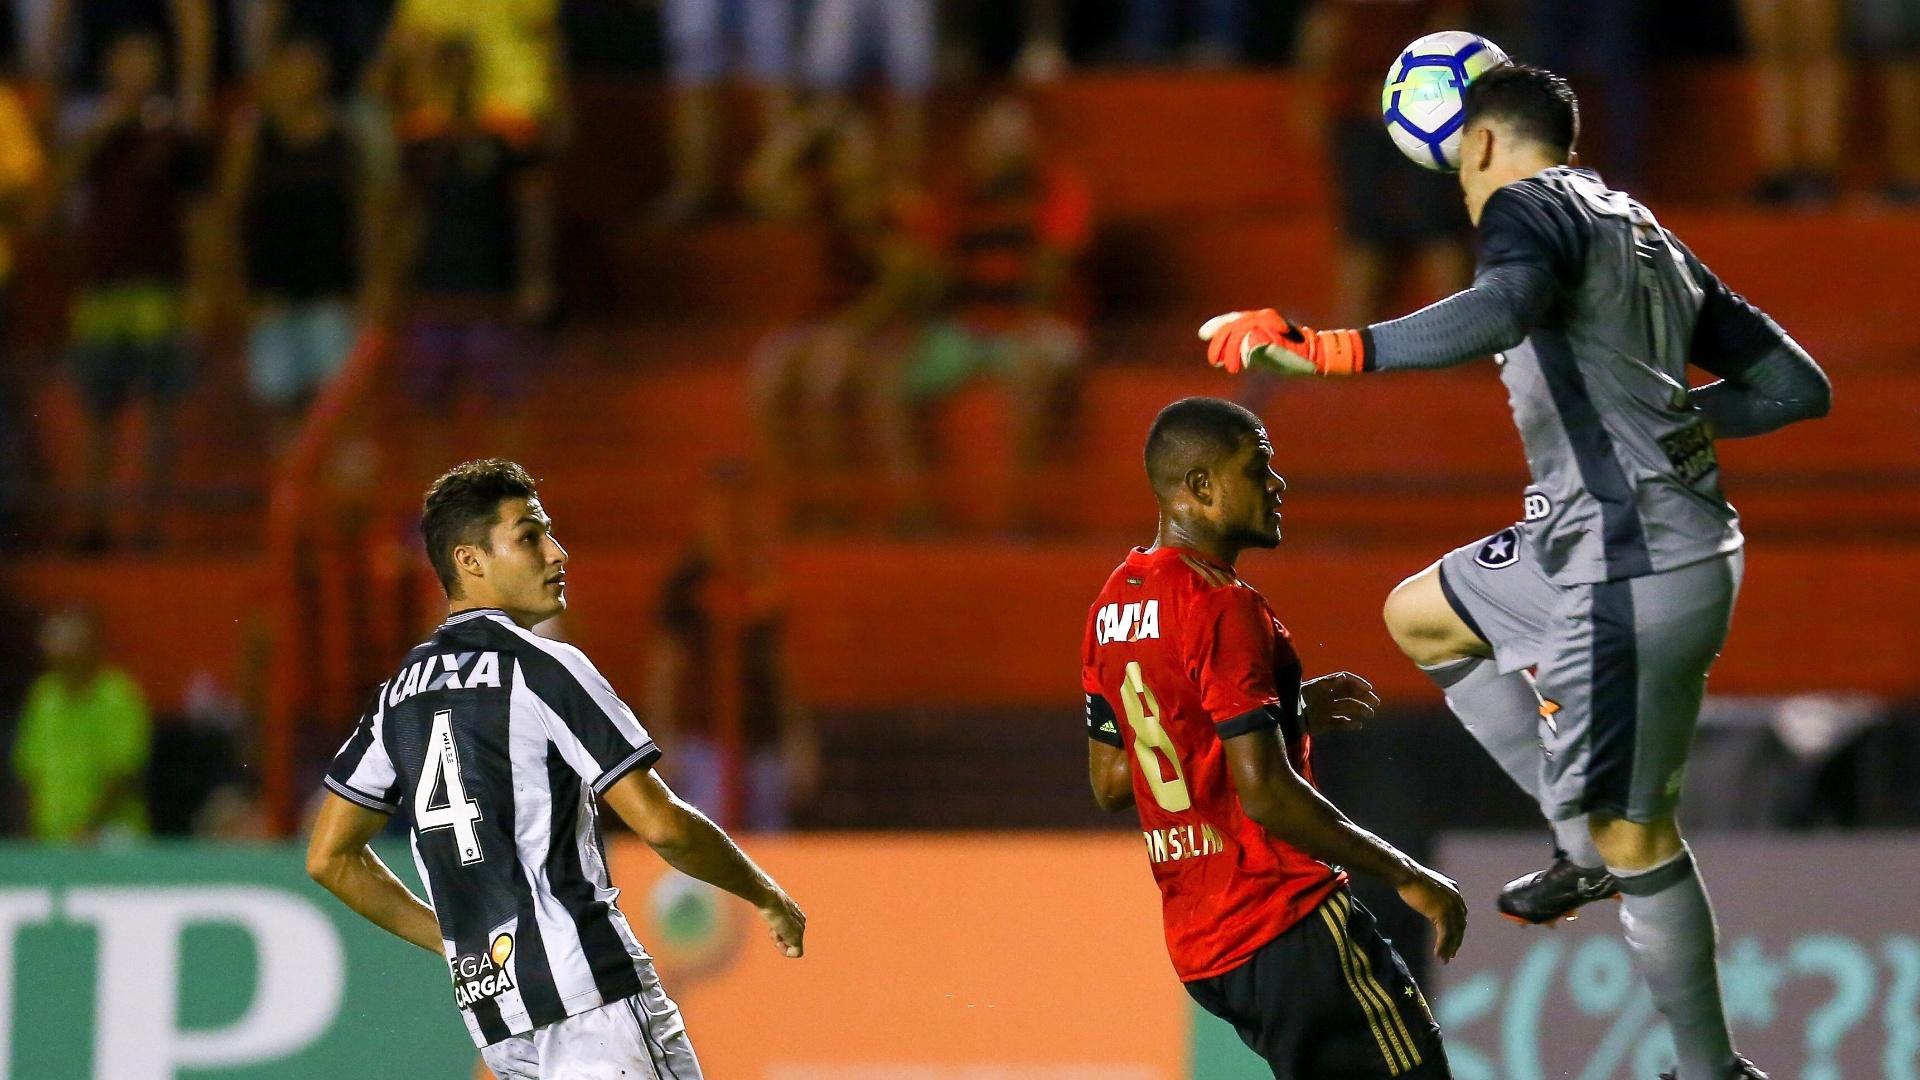 Gatito corta de cabeça o lançamento para Anselmo na partida Sport x Botafogo